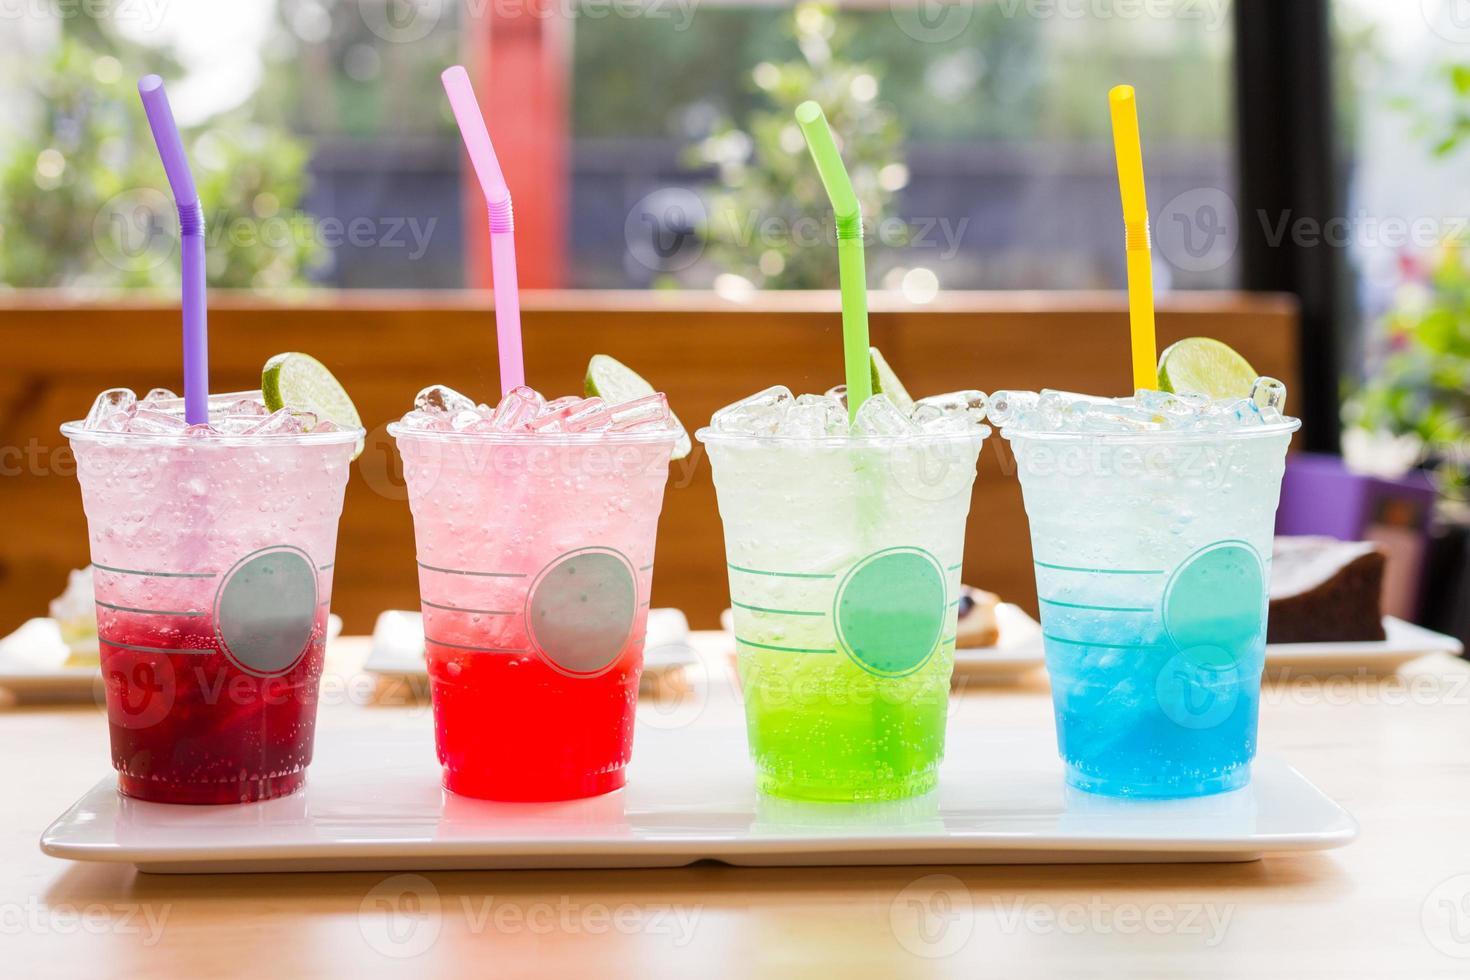 bebida de refrigerante italiano colorido foto